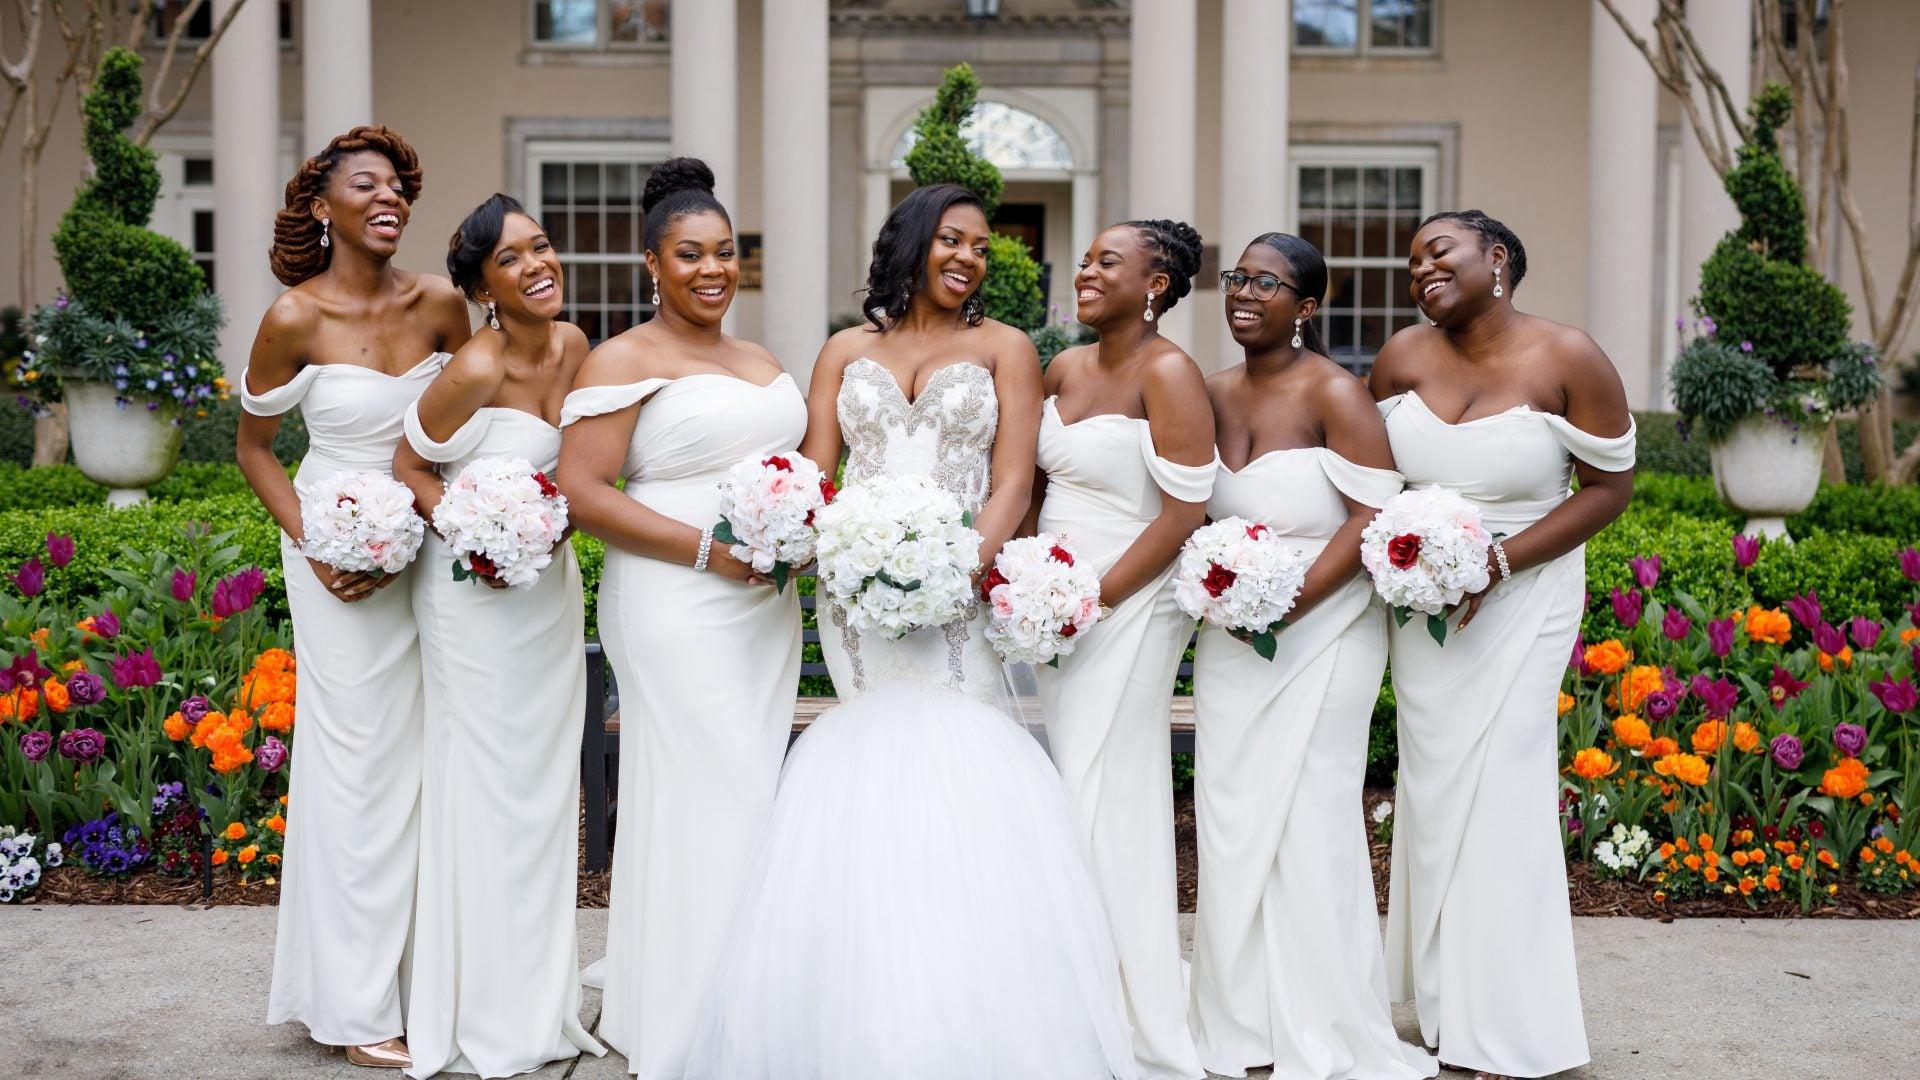 Bridal Bliss: Leanna and Clifton's Ballroom Wedding